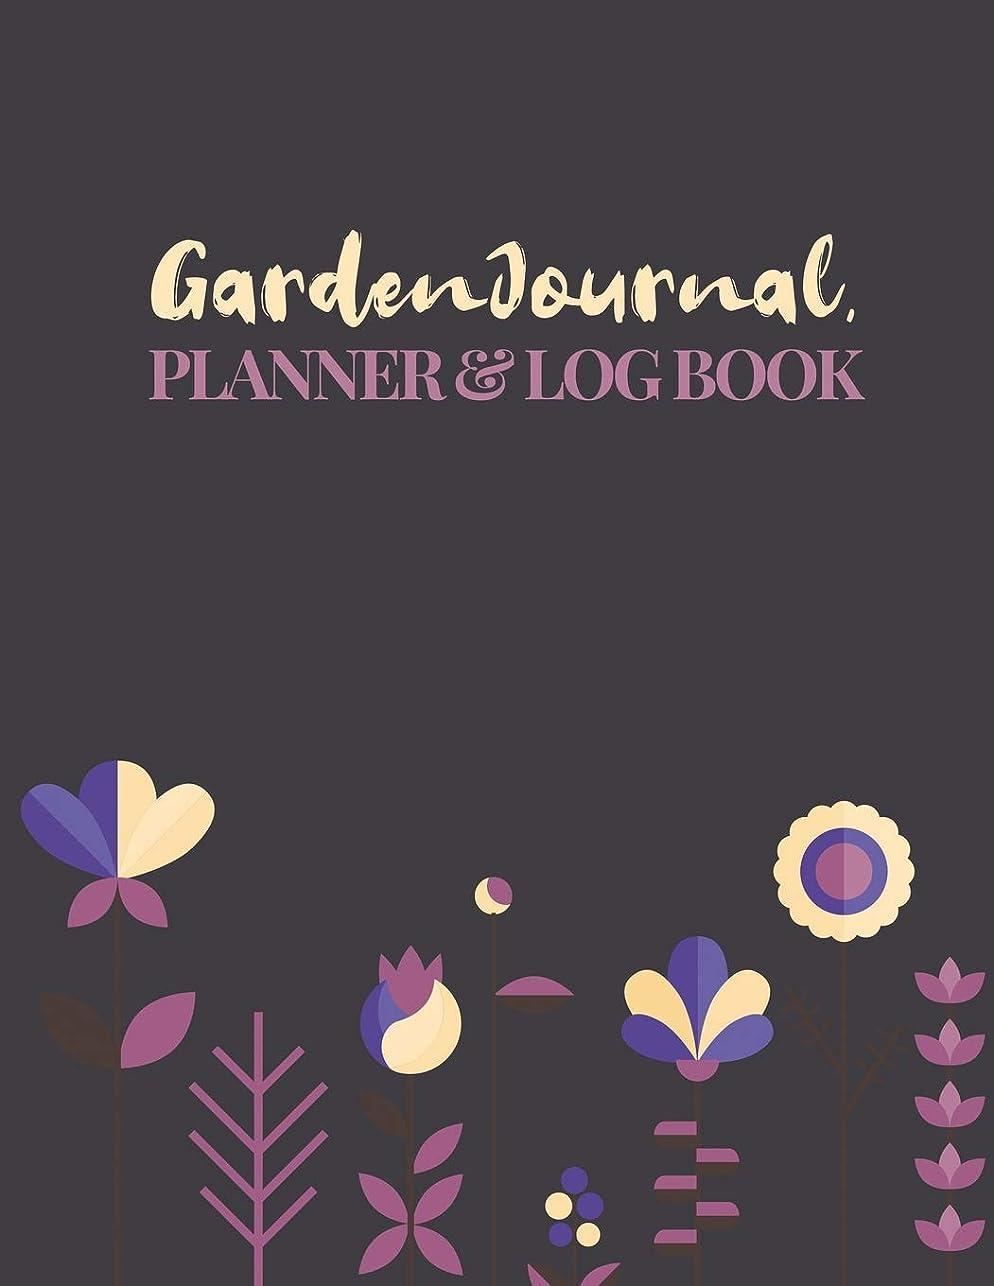 征服キャンパス篭Garden Journal, Planner & Logbook: Blank Gardening Log Book To Write In Your Own Plant Care Ideas and Planting Schedule Organizer